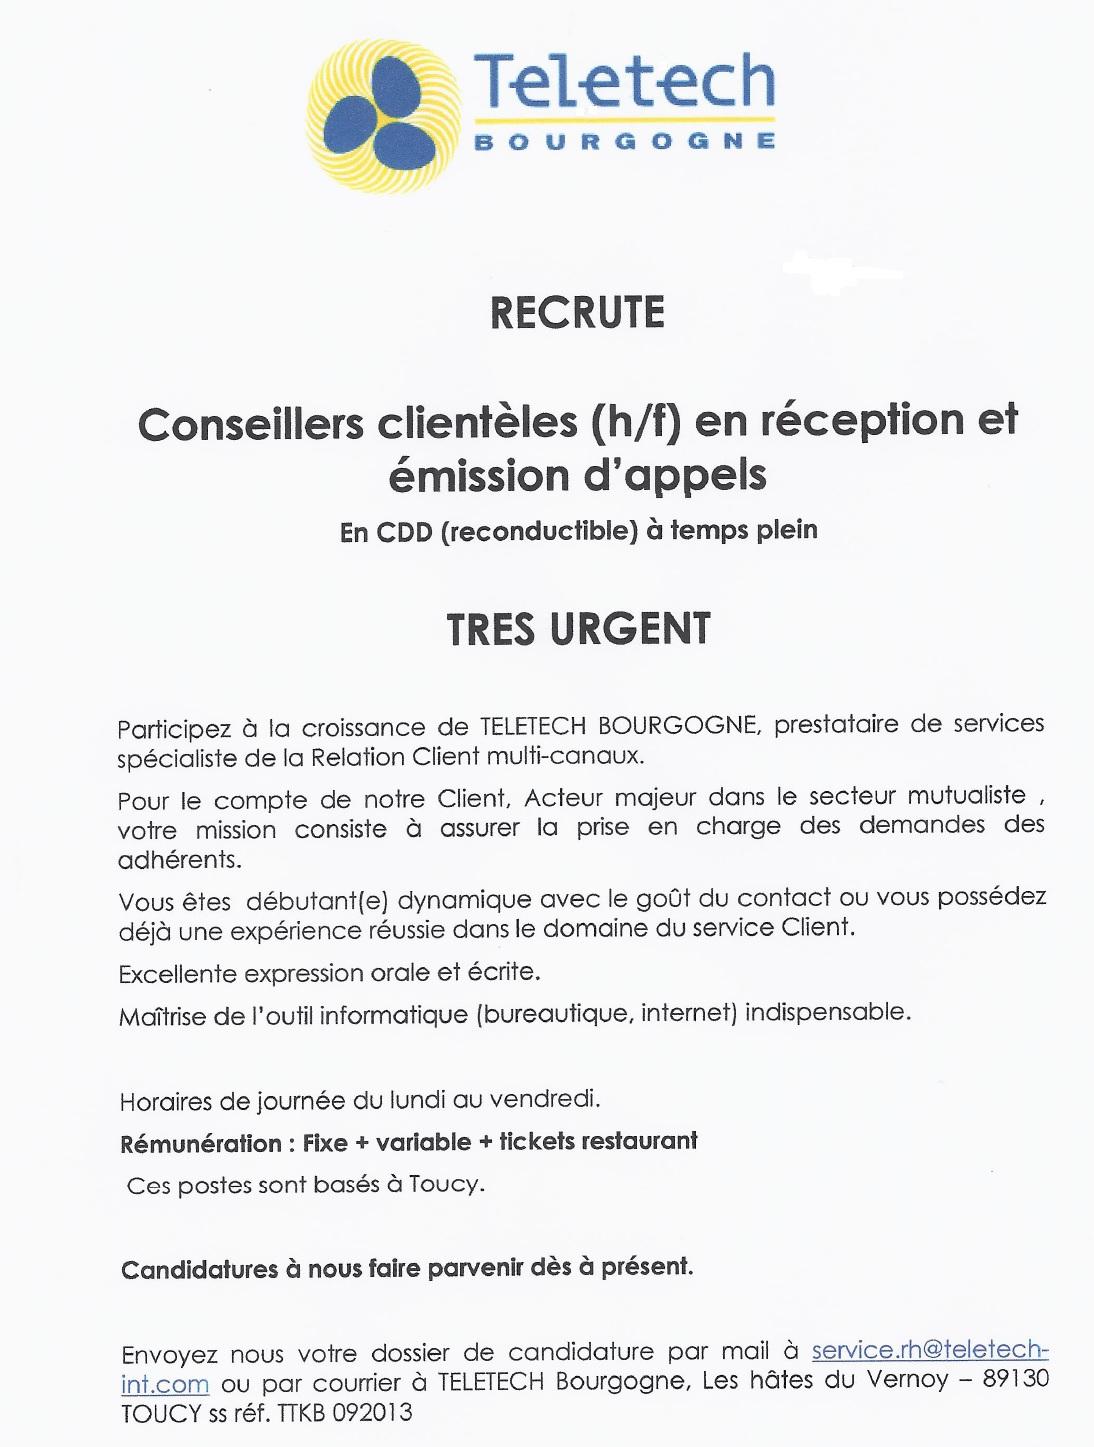 TELETECH Bourgogne recrute Conseillers Clientèles H/F en réception et émissions d'appels